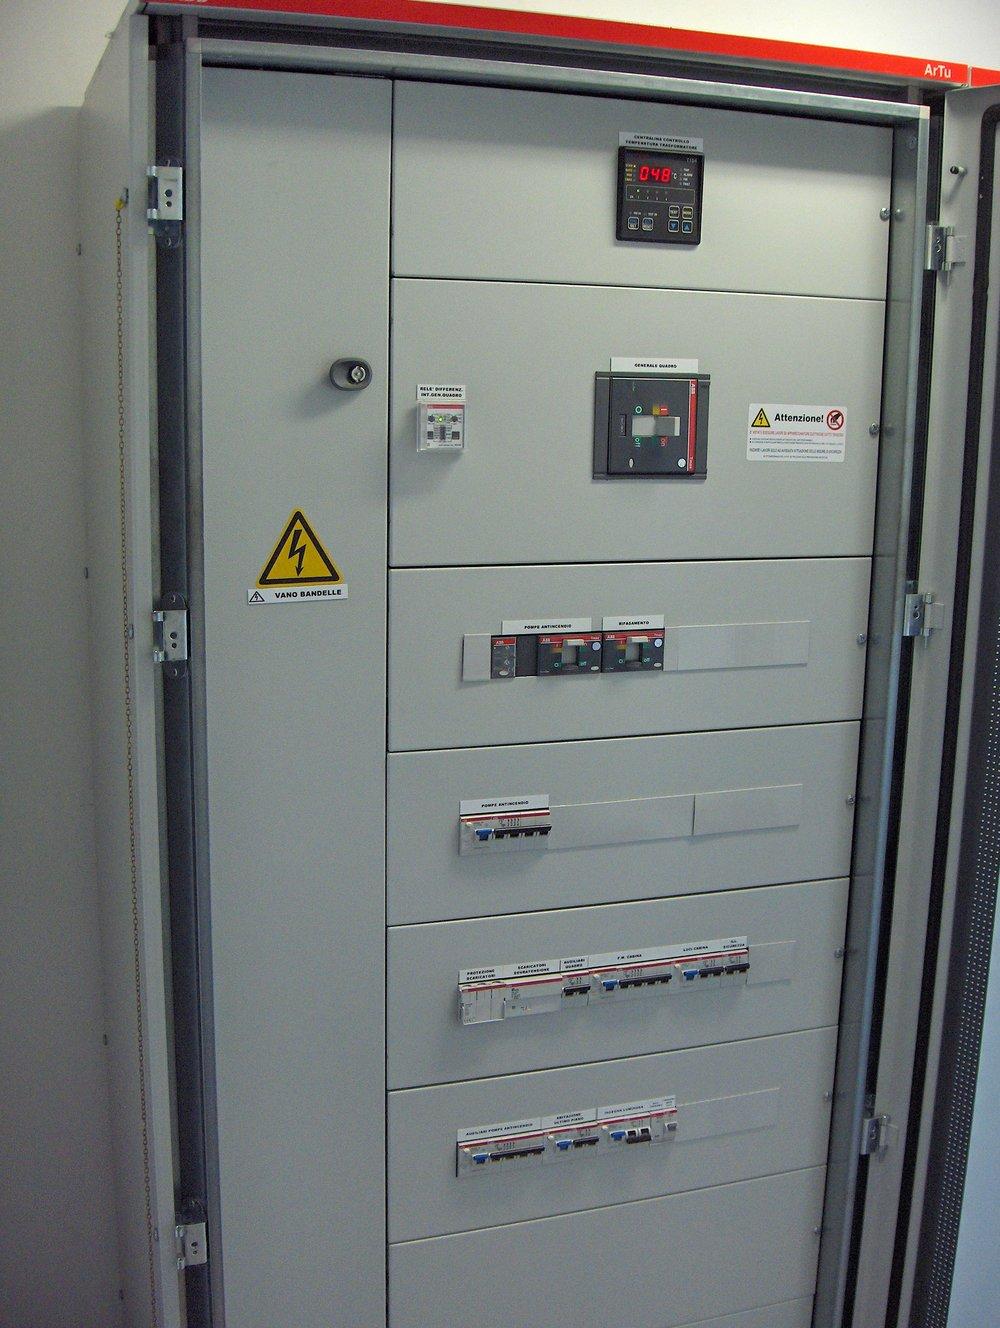 HPIM3864.JPG